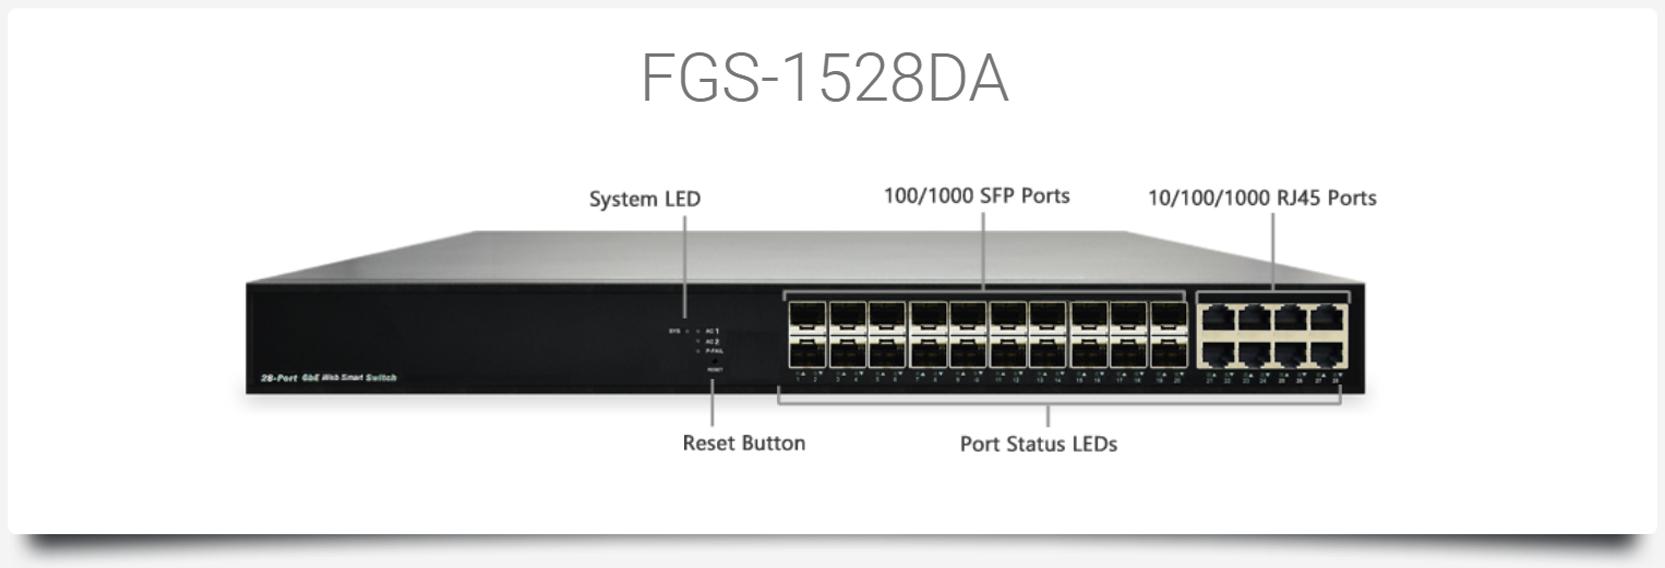 FGS-1528DA